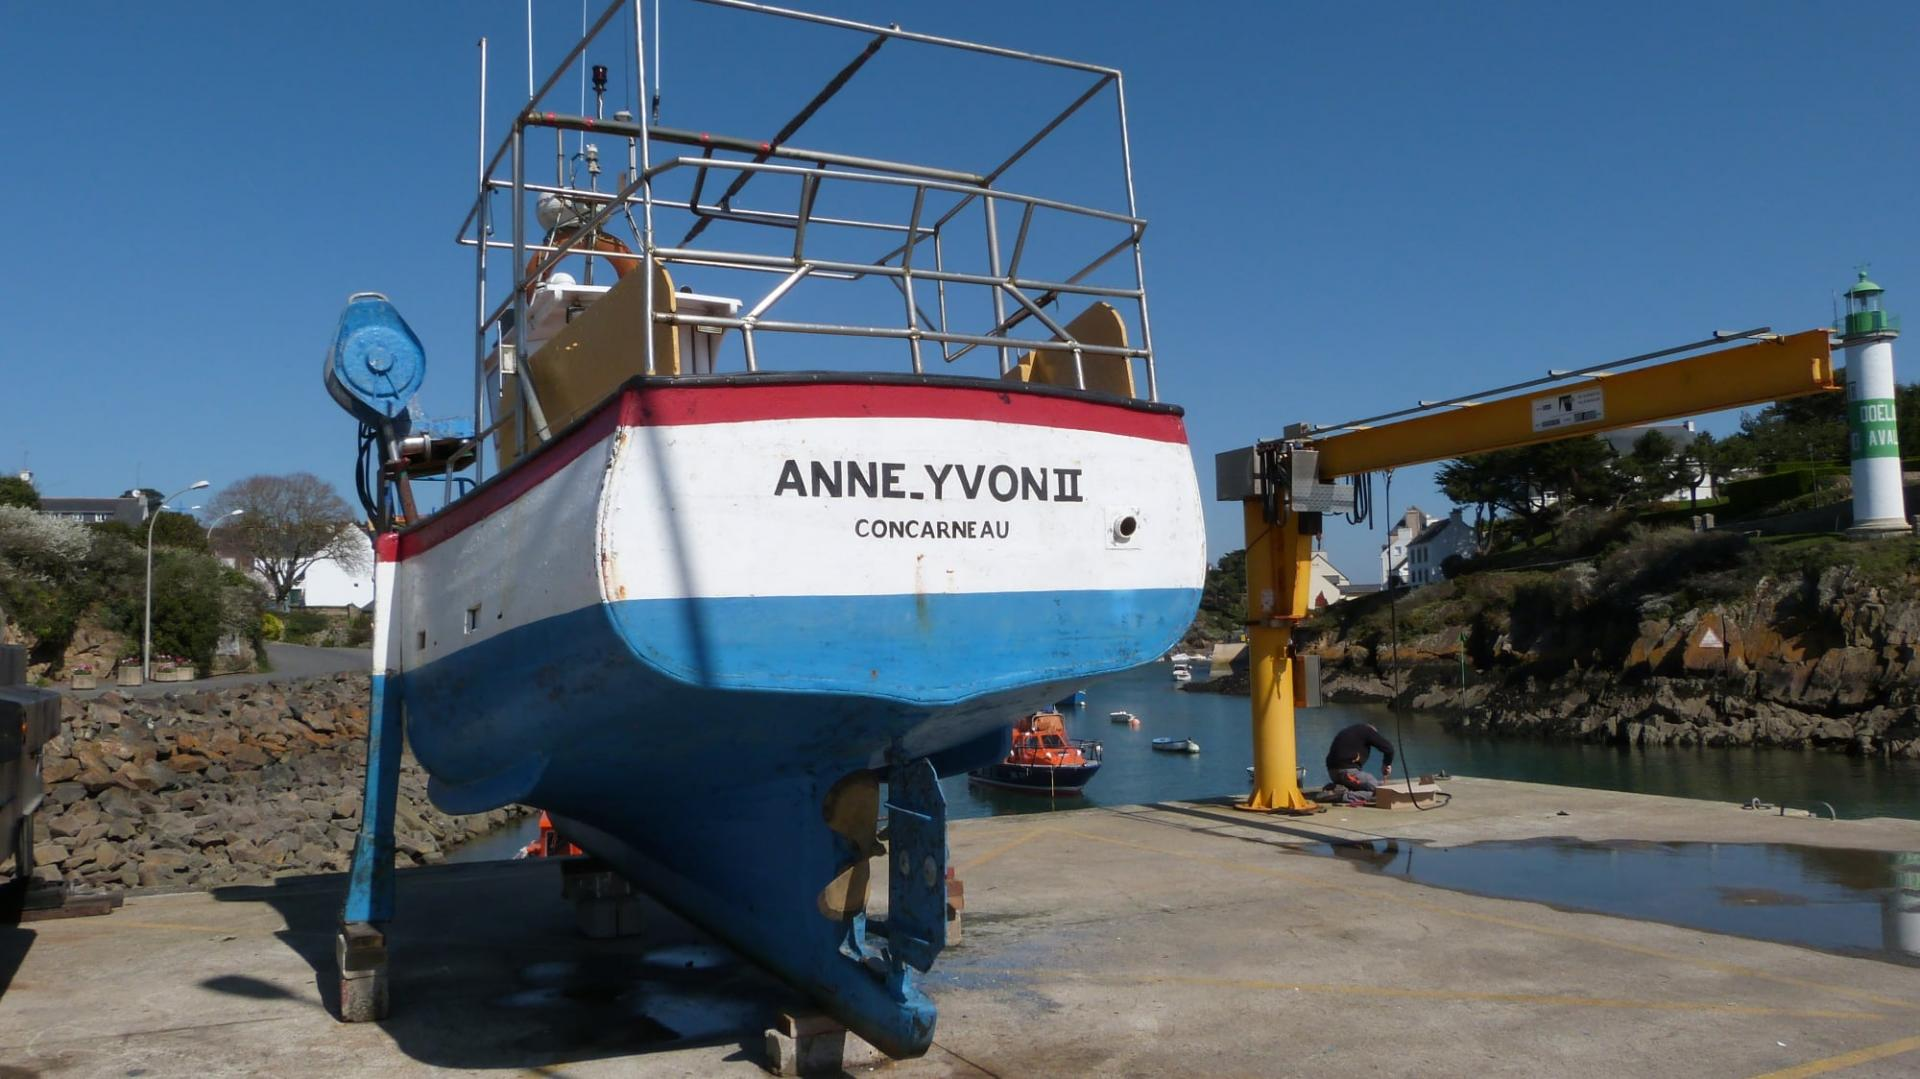 Anne yvon ii cc683460 b fabrice roperch